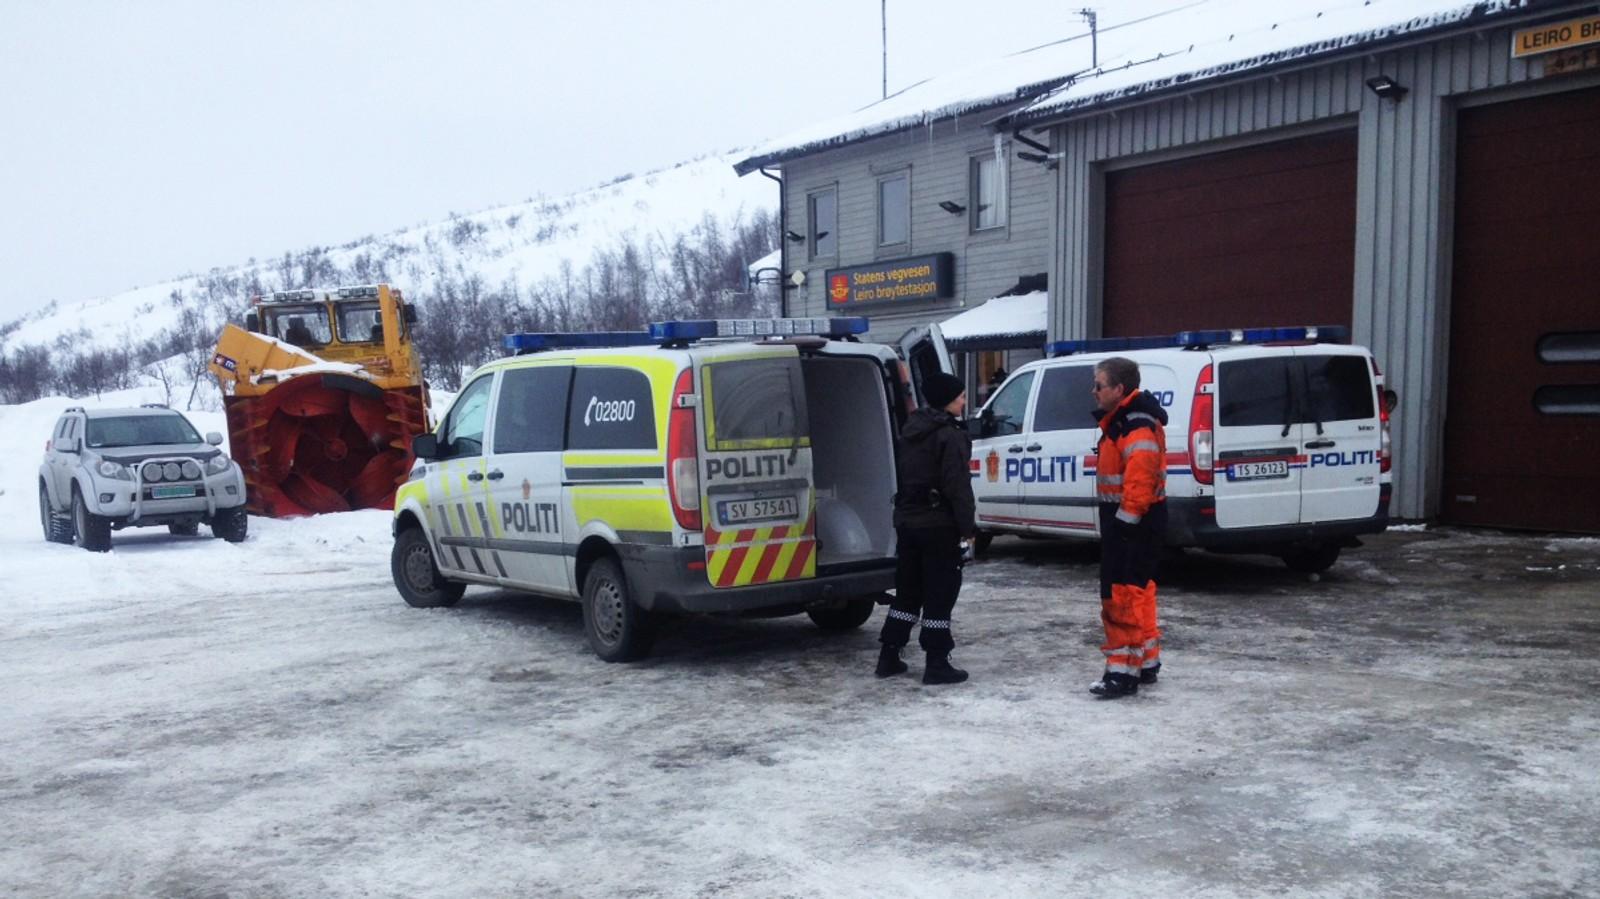 Dei to var svært rusa og aggressive, men politi og brannvesen fekk til slutt kontroll på dei to. Dei blir no frakta til Bergen.